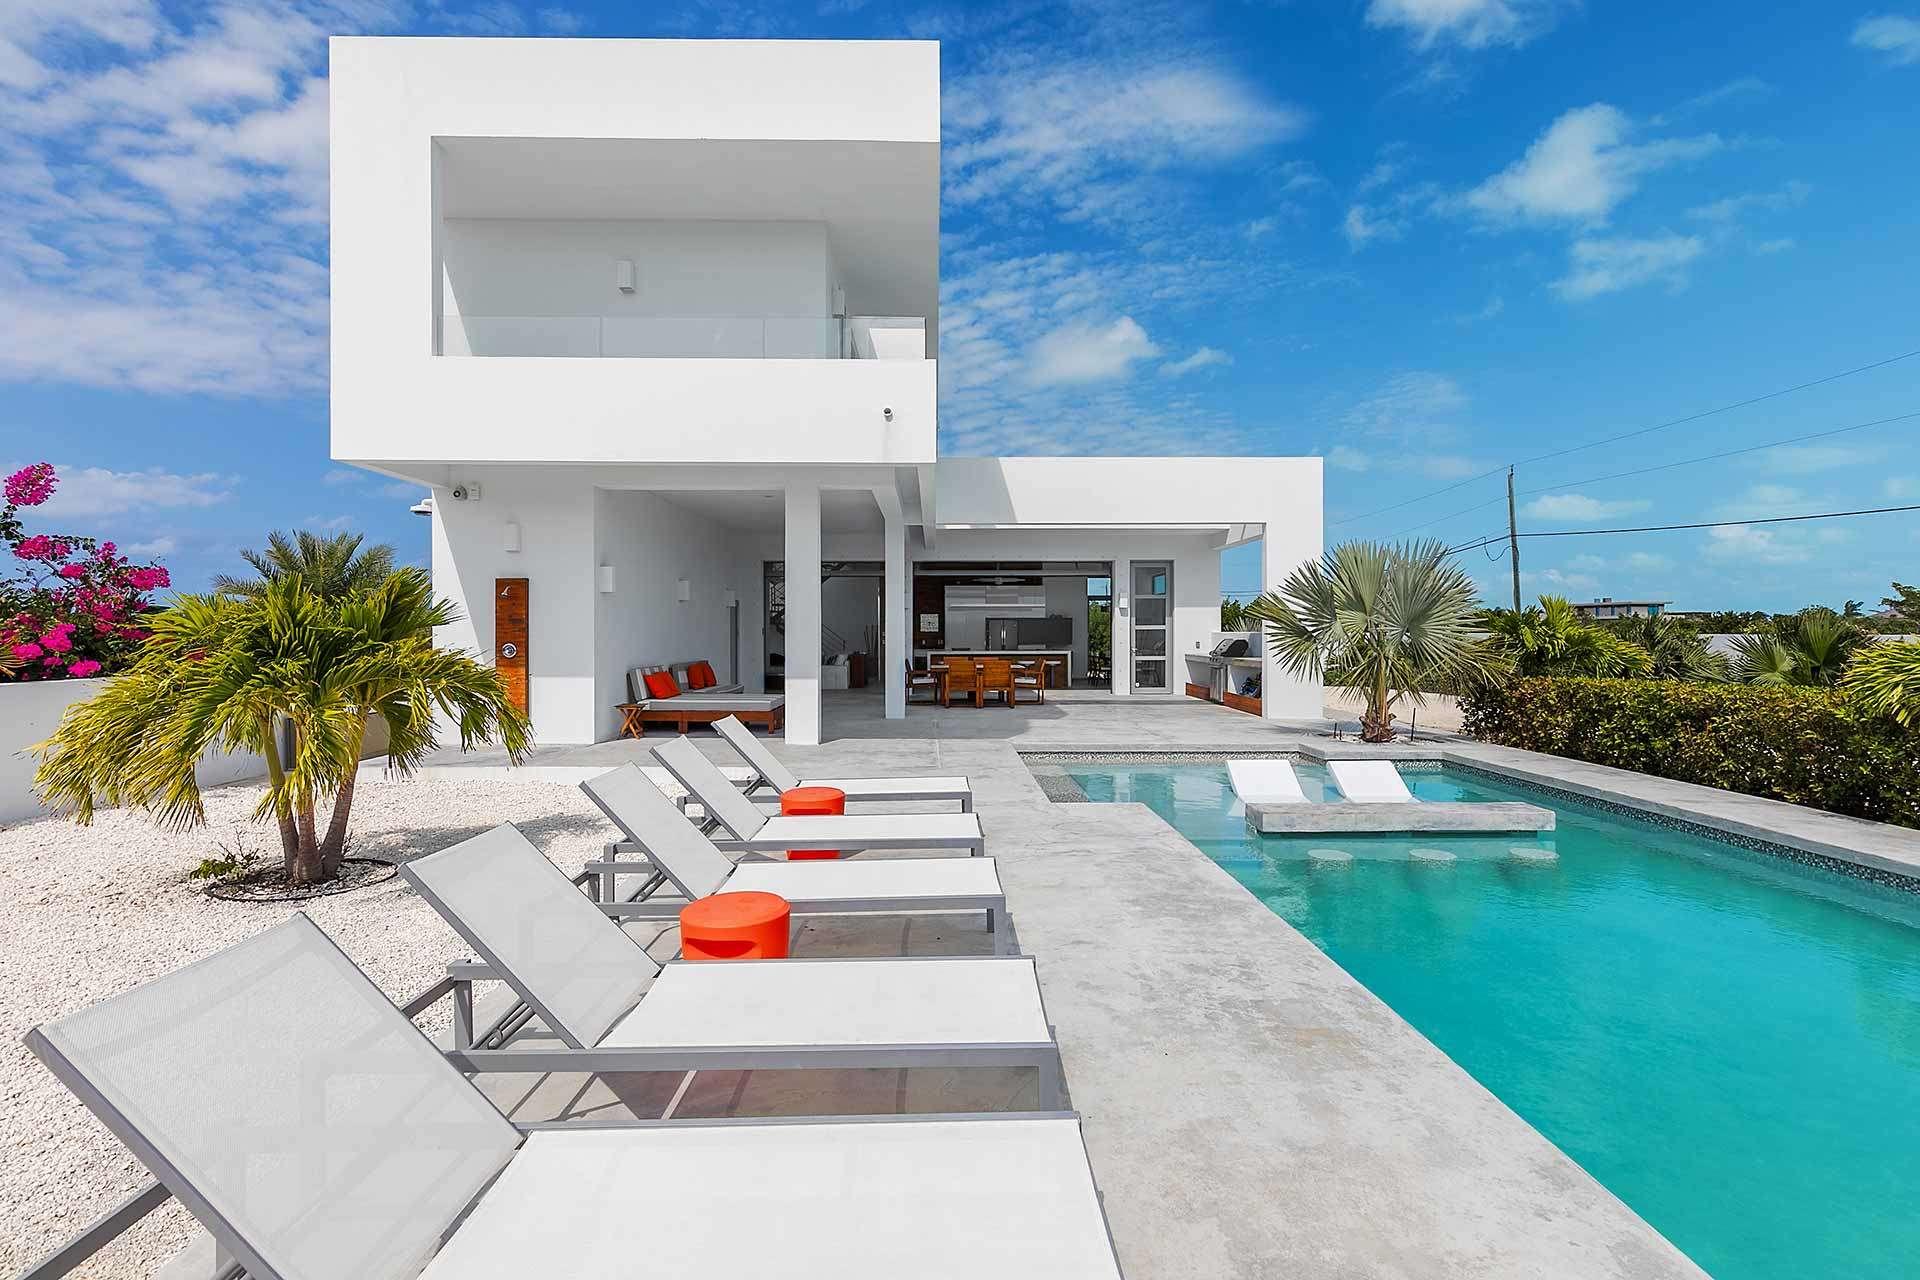 Luxury villa rentals caribbean - Turks and caicos - Providenciales - Long bay - White Villas 1 - Image 1/7